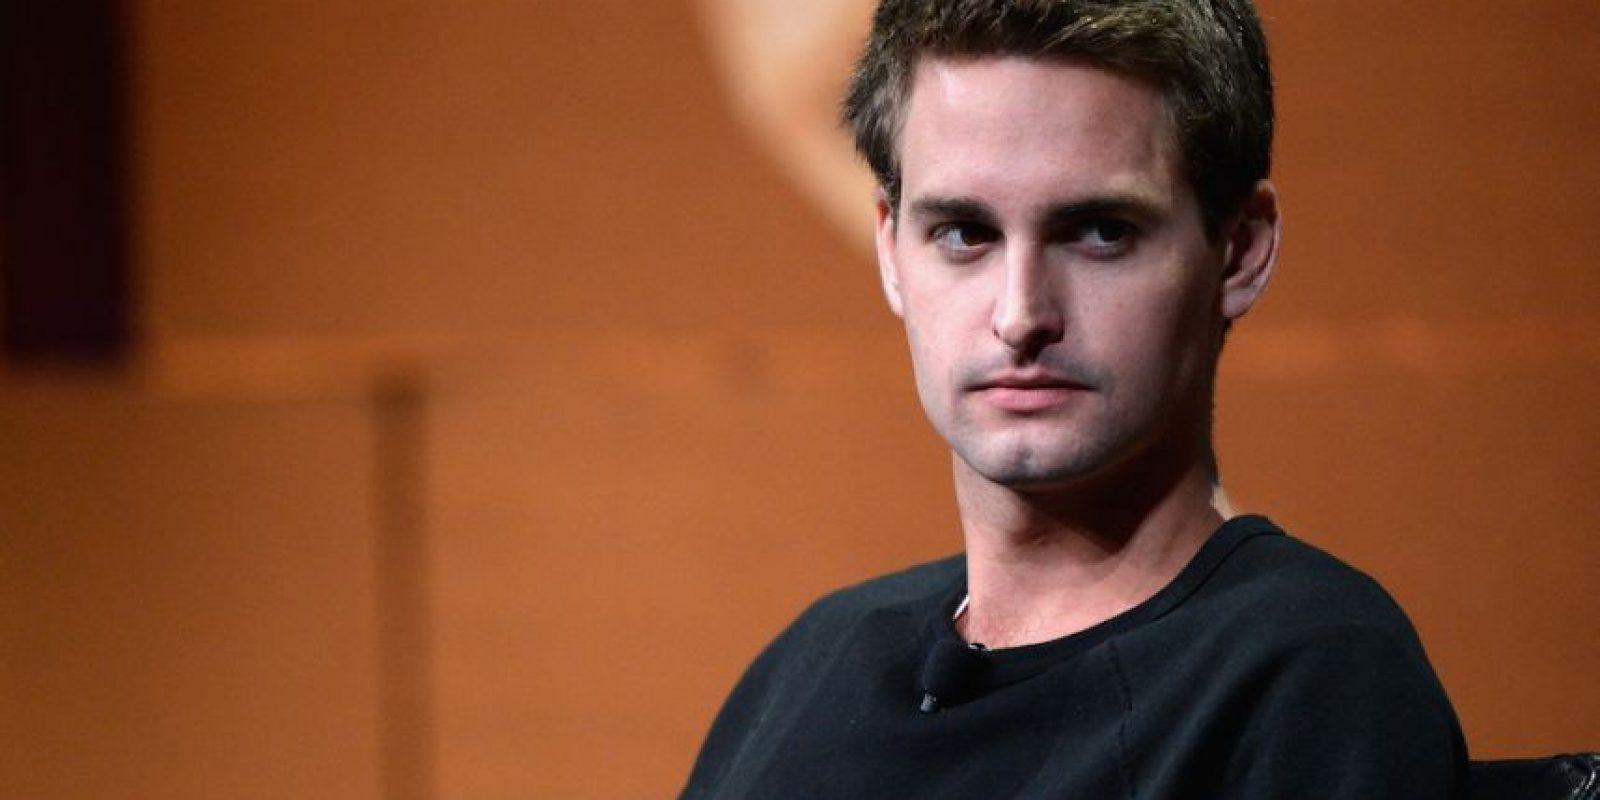 El estadounidense Evan Spiegel, de 24 años de edad, cofundó Snapchat, una app que permite enviar fotos que se autodestruyen en pocos segundos. Foto:Getty Images